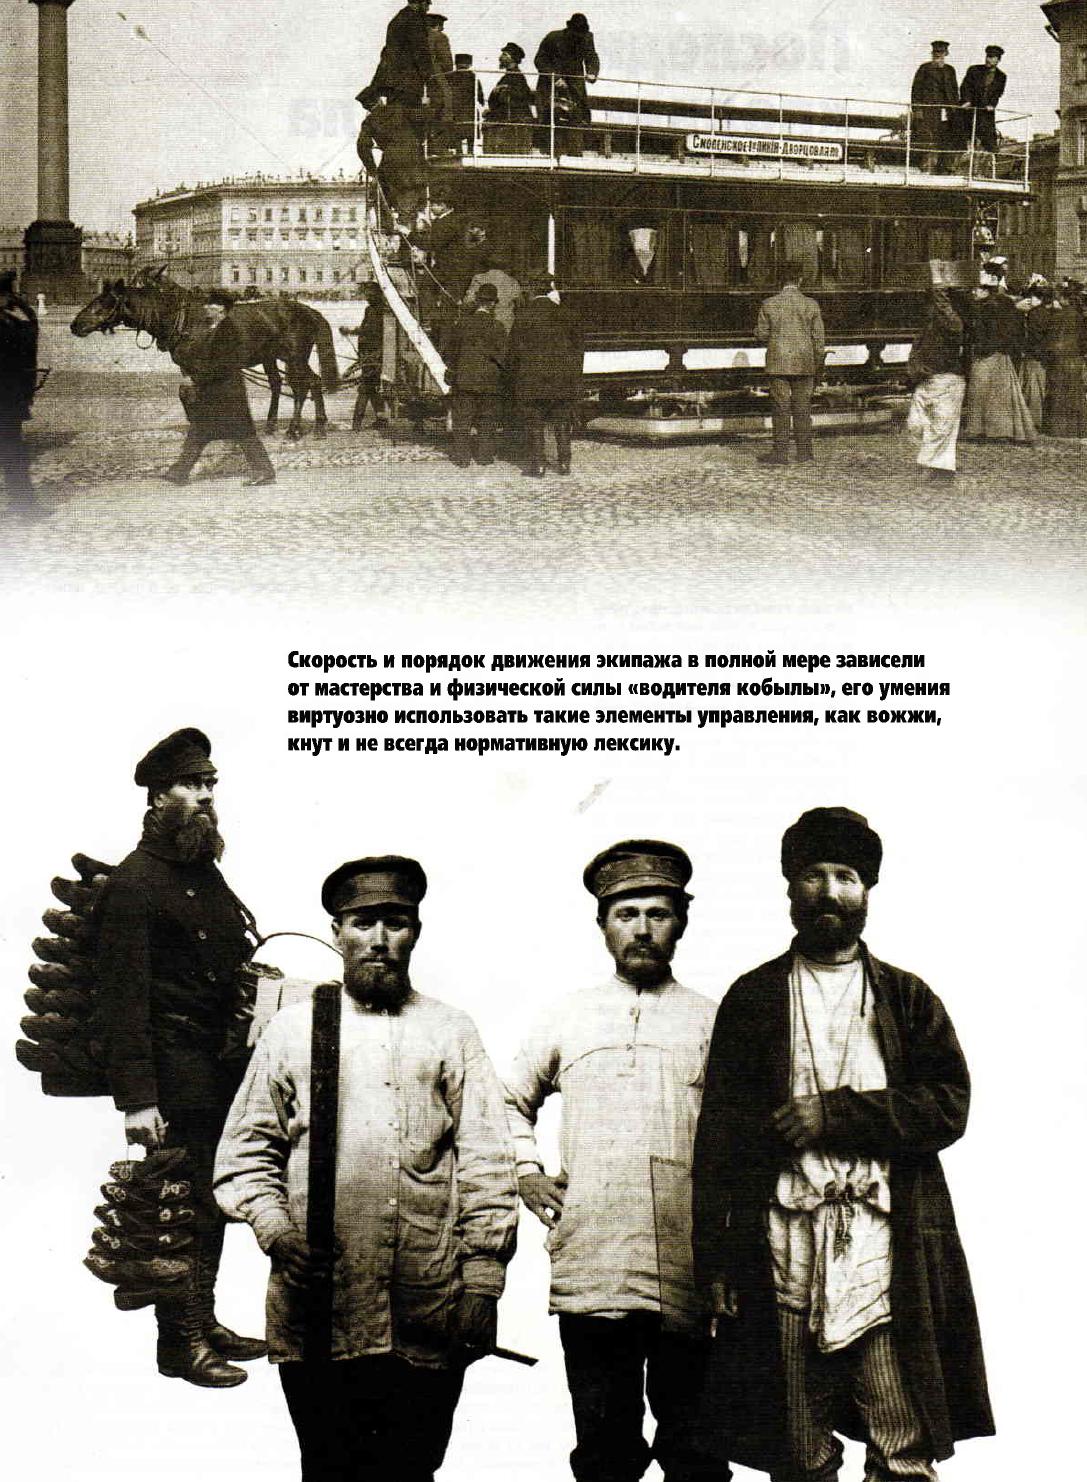 Вечность одной лошадиной силы. Статья из журнала (КМ 5-2002) 4da39aeda5a1e6ef68037de9c195302c